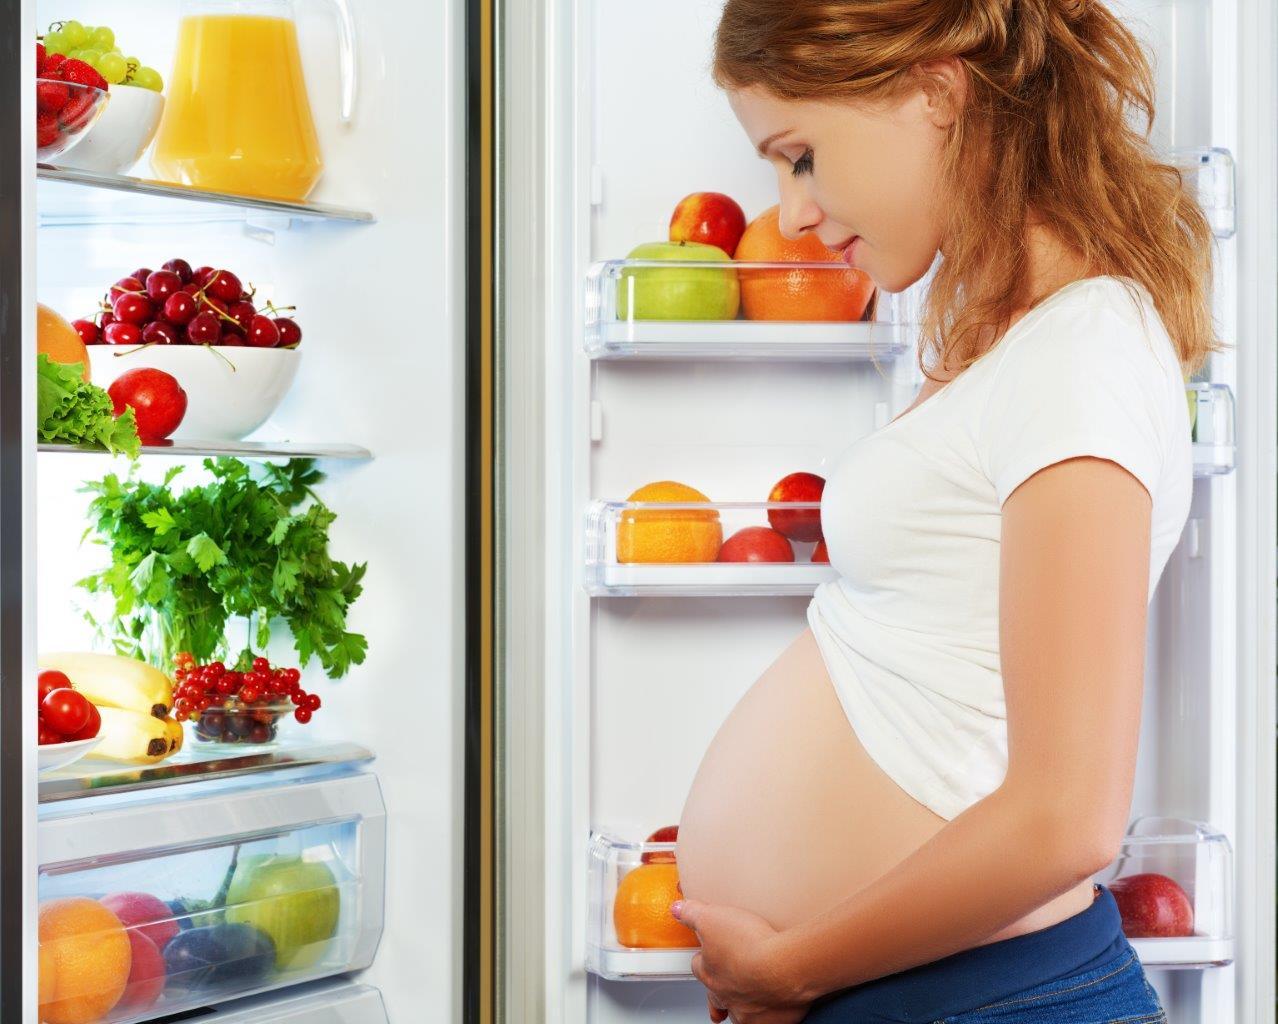 妊娠中の食べ物に関する記事